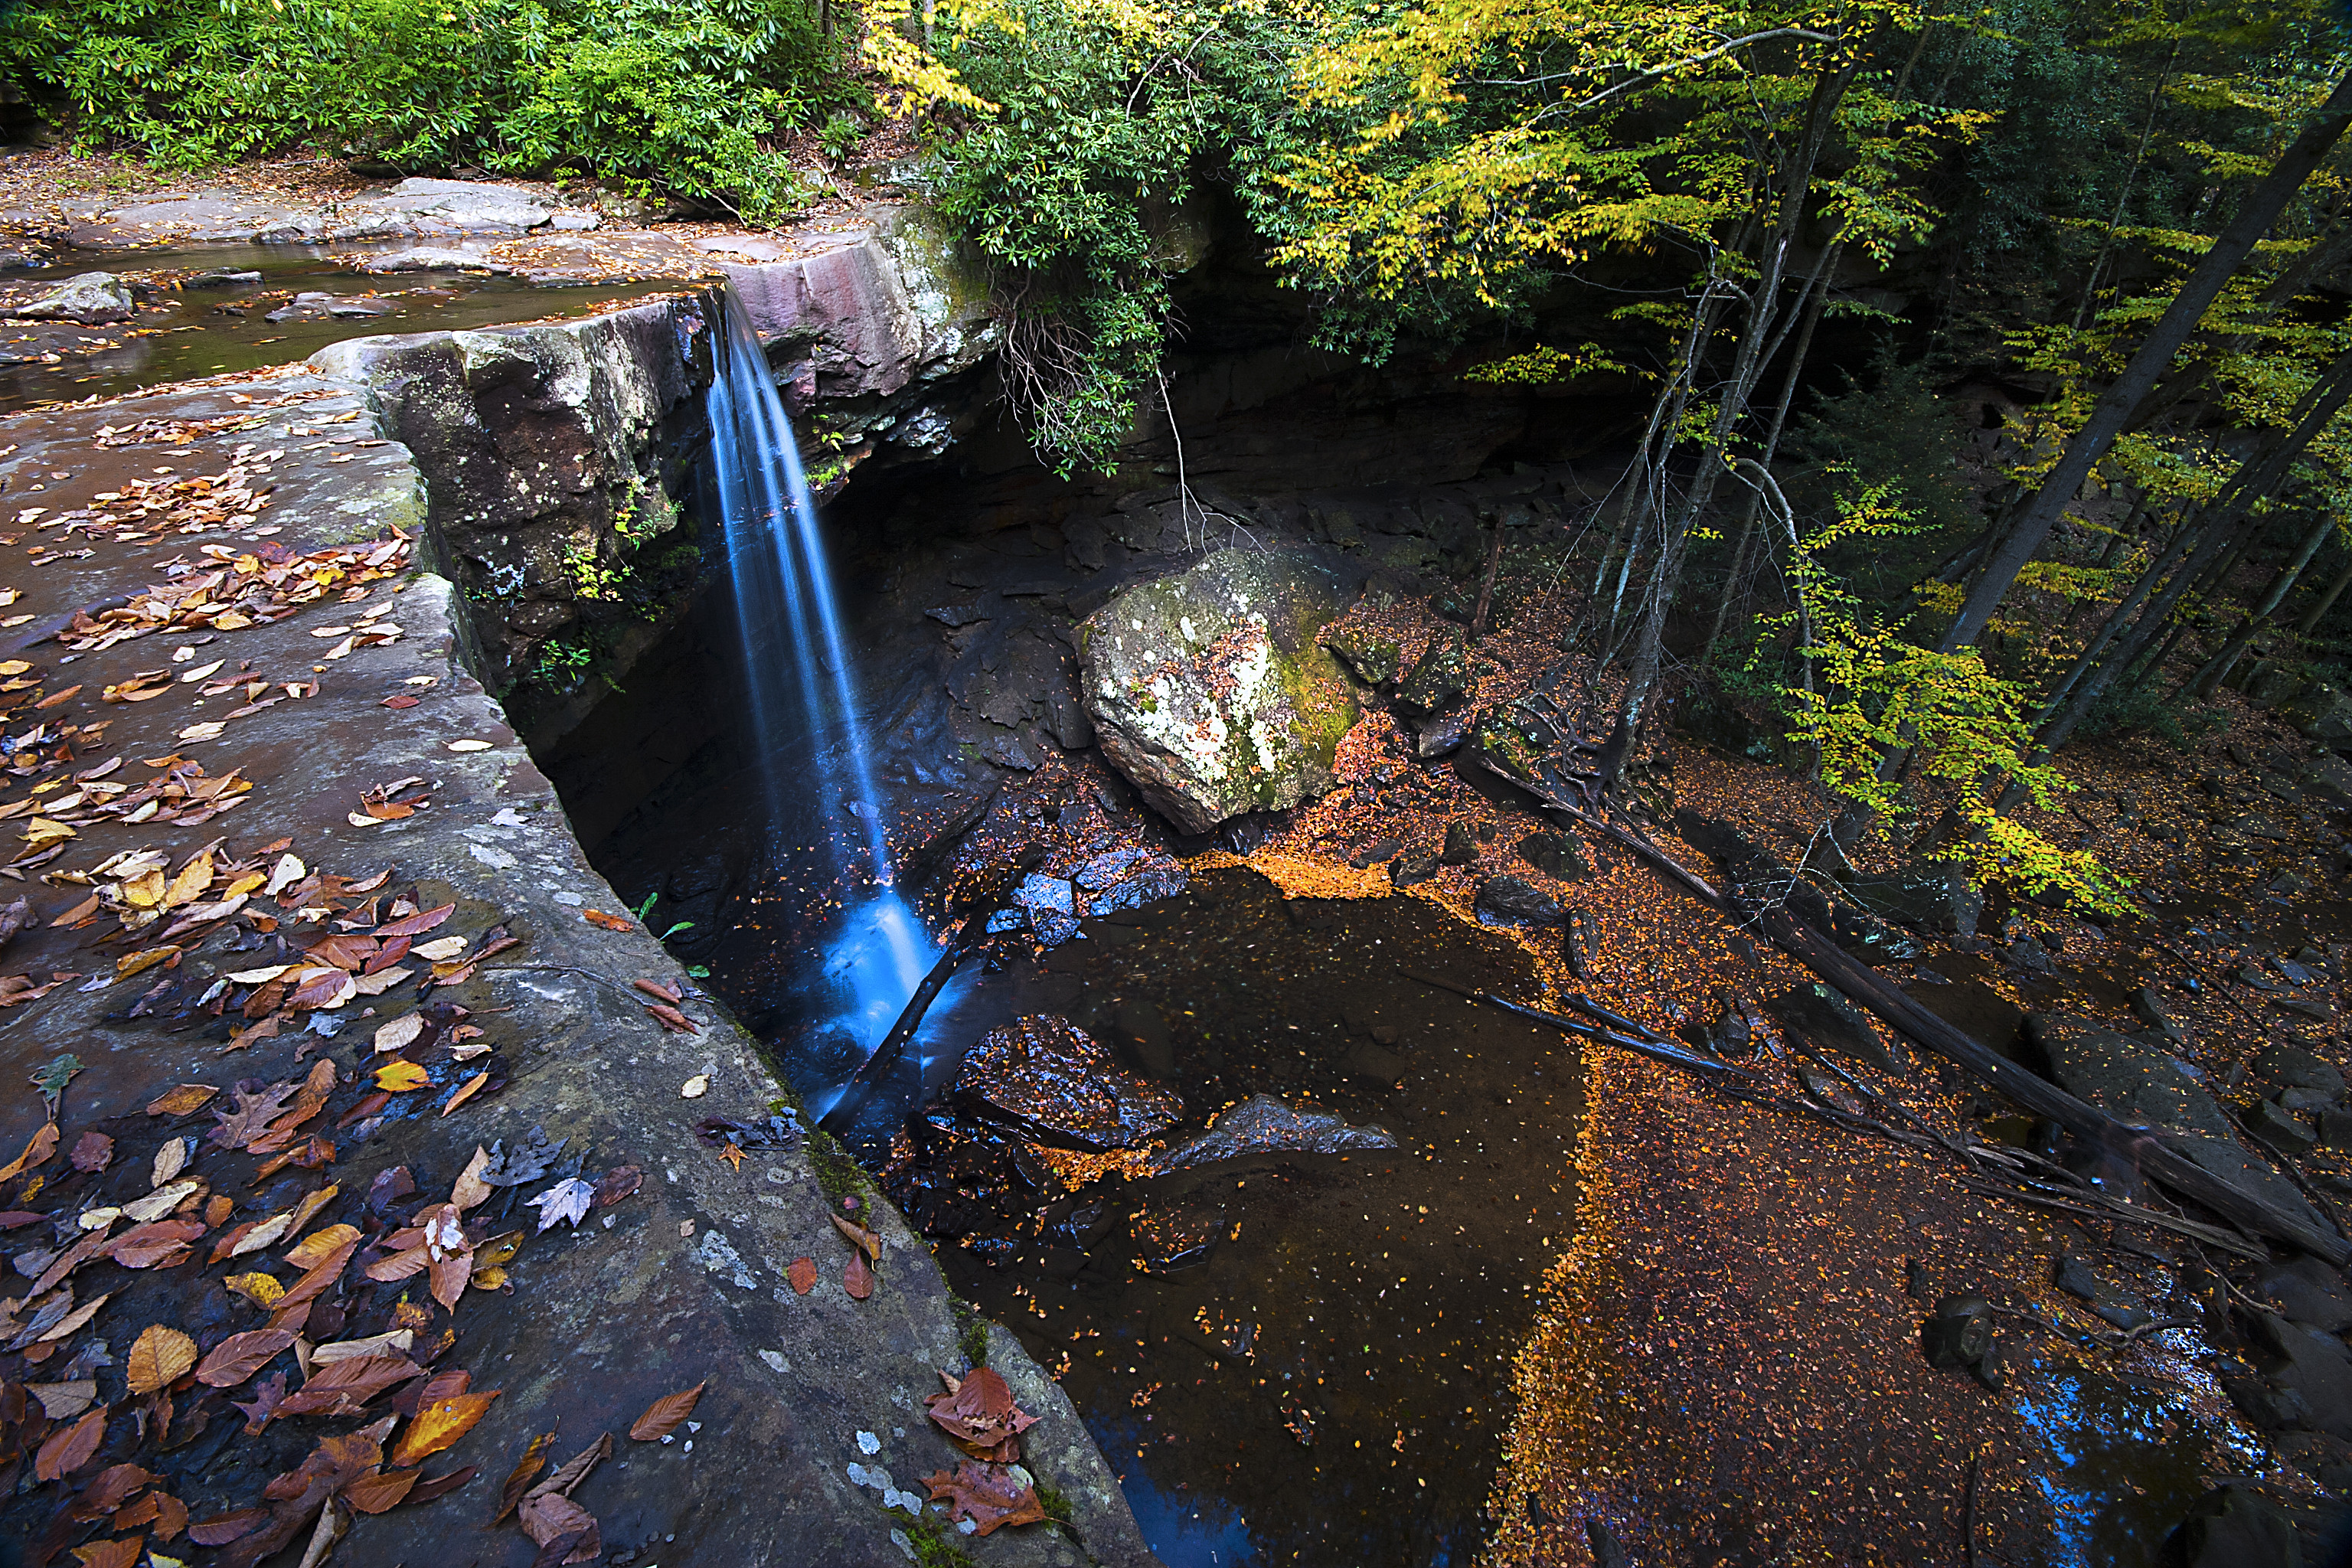 обои Ohio Pyle State Park, осень, лес, скалы картинки фото